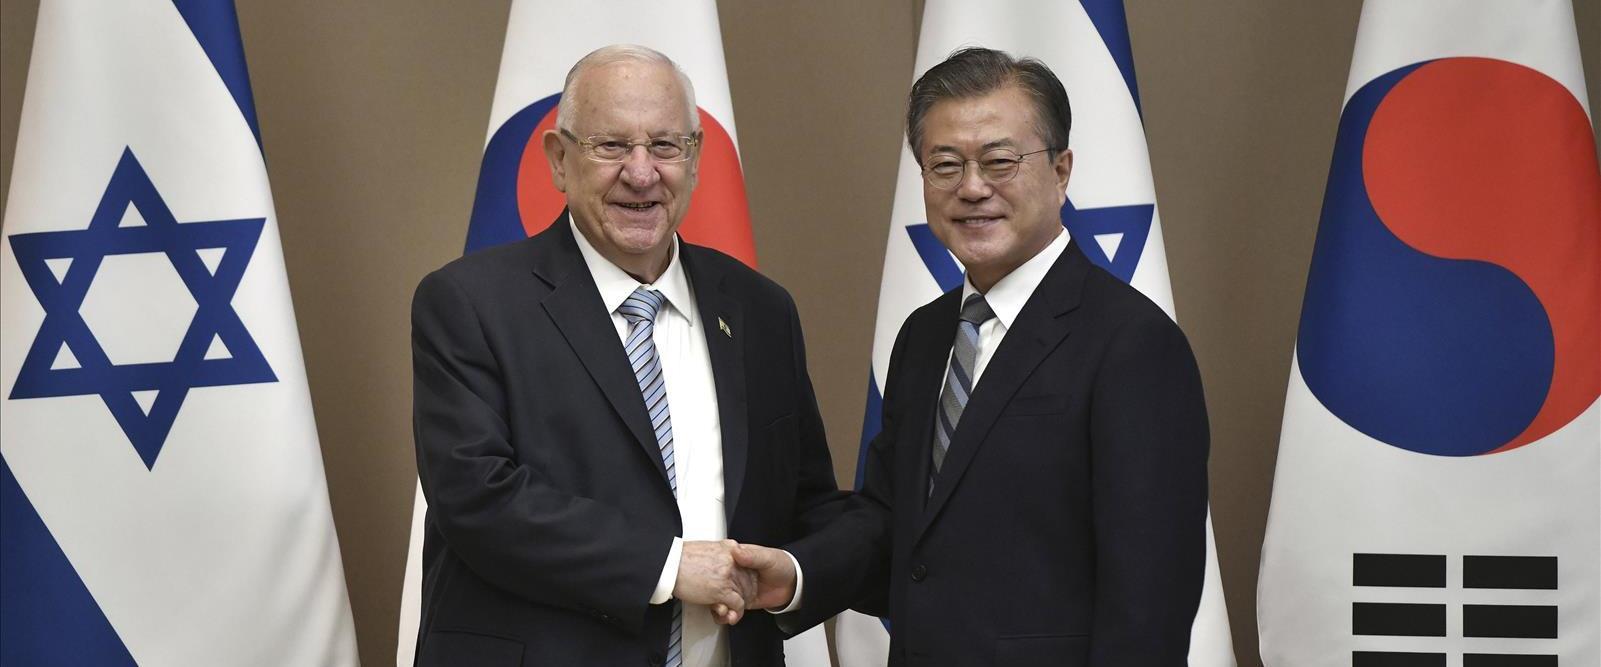 נשיא דרום קוריאה מון ג'יאה-אין וראובן ריבלין בחודש